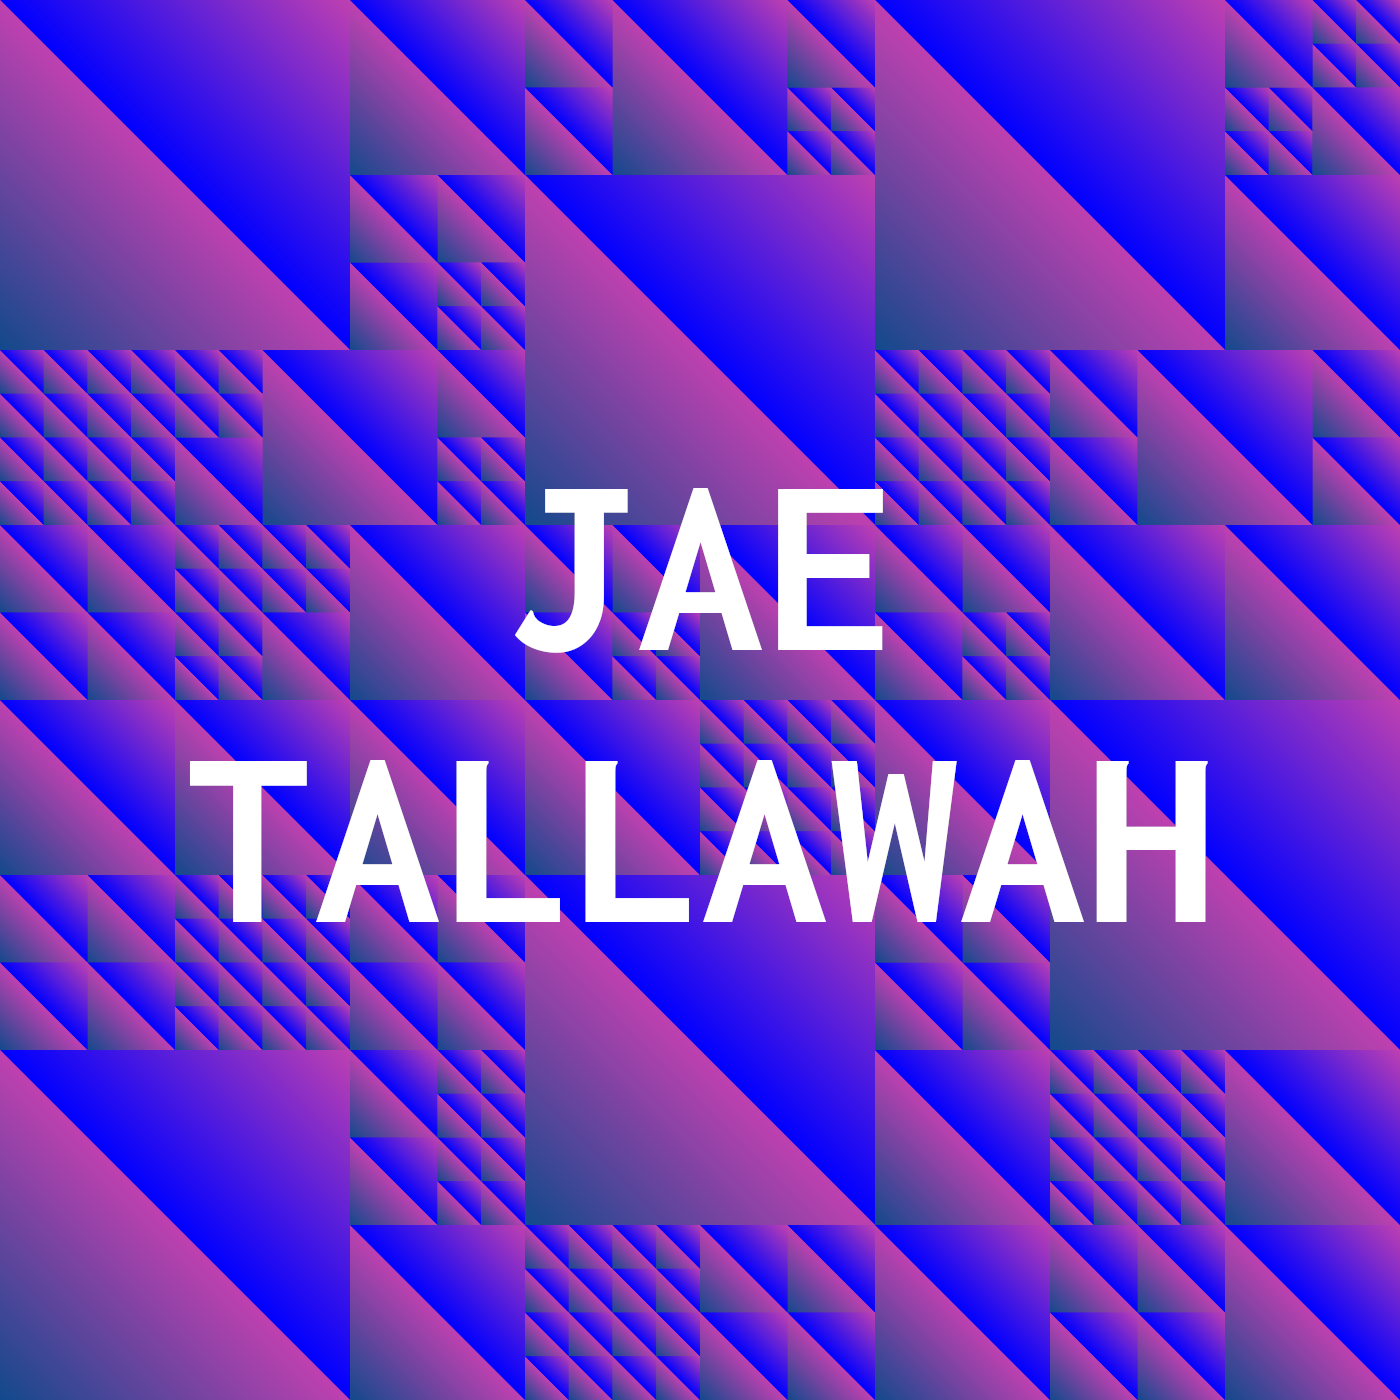 jae_tallawah